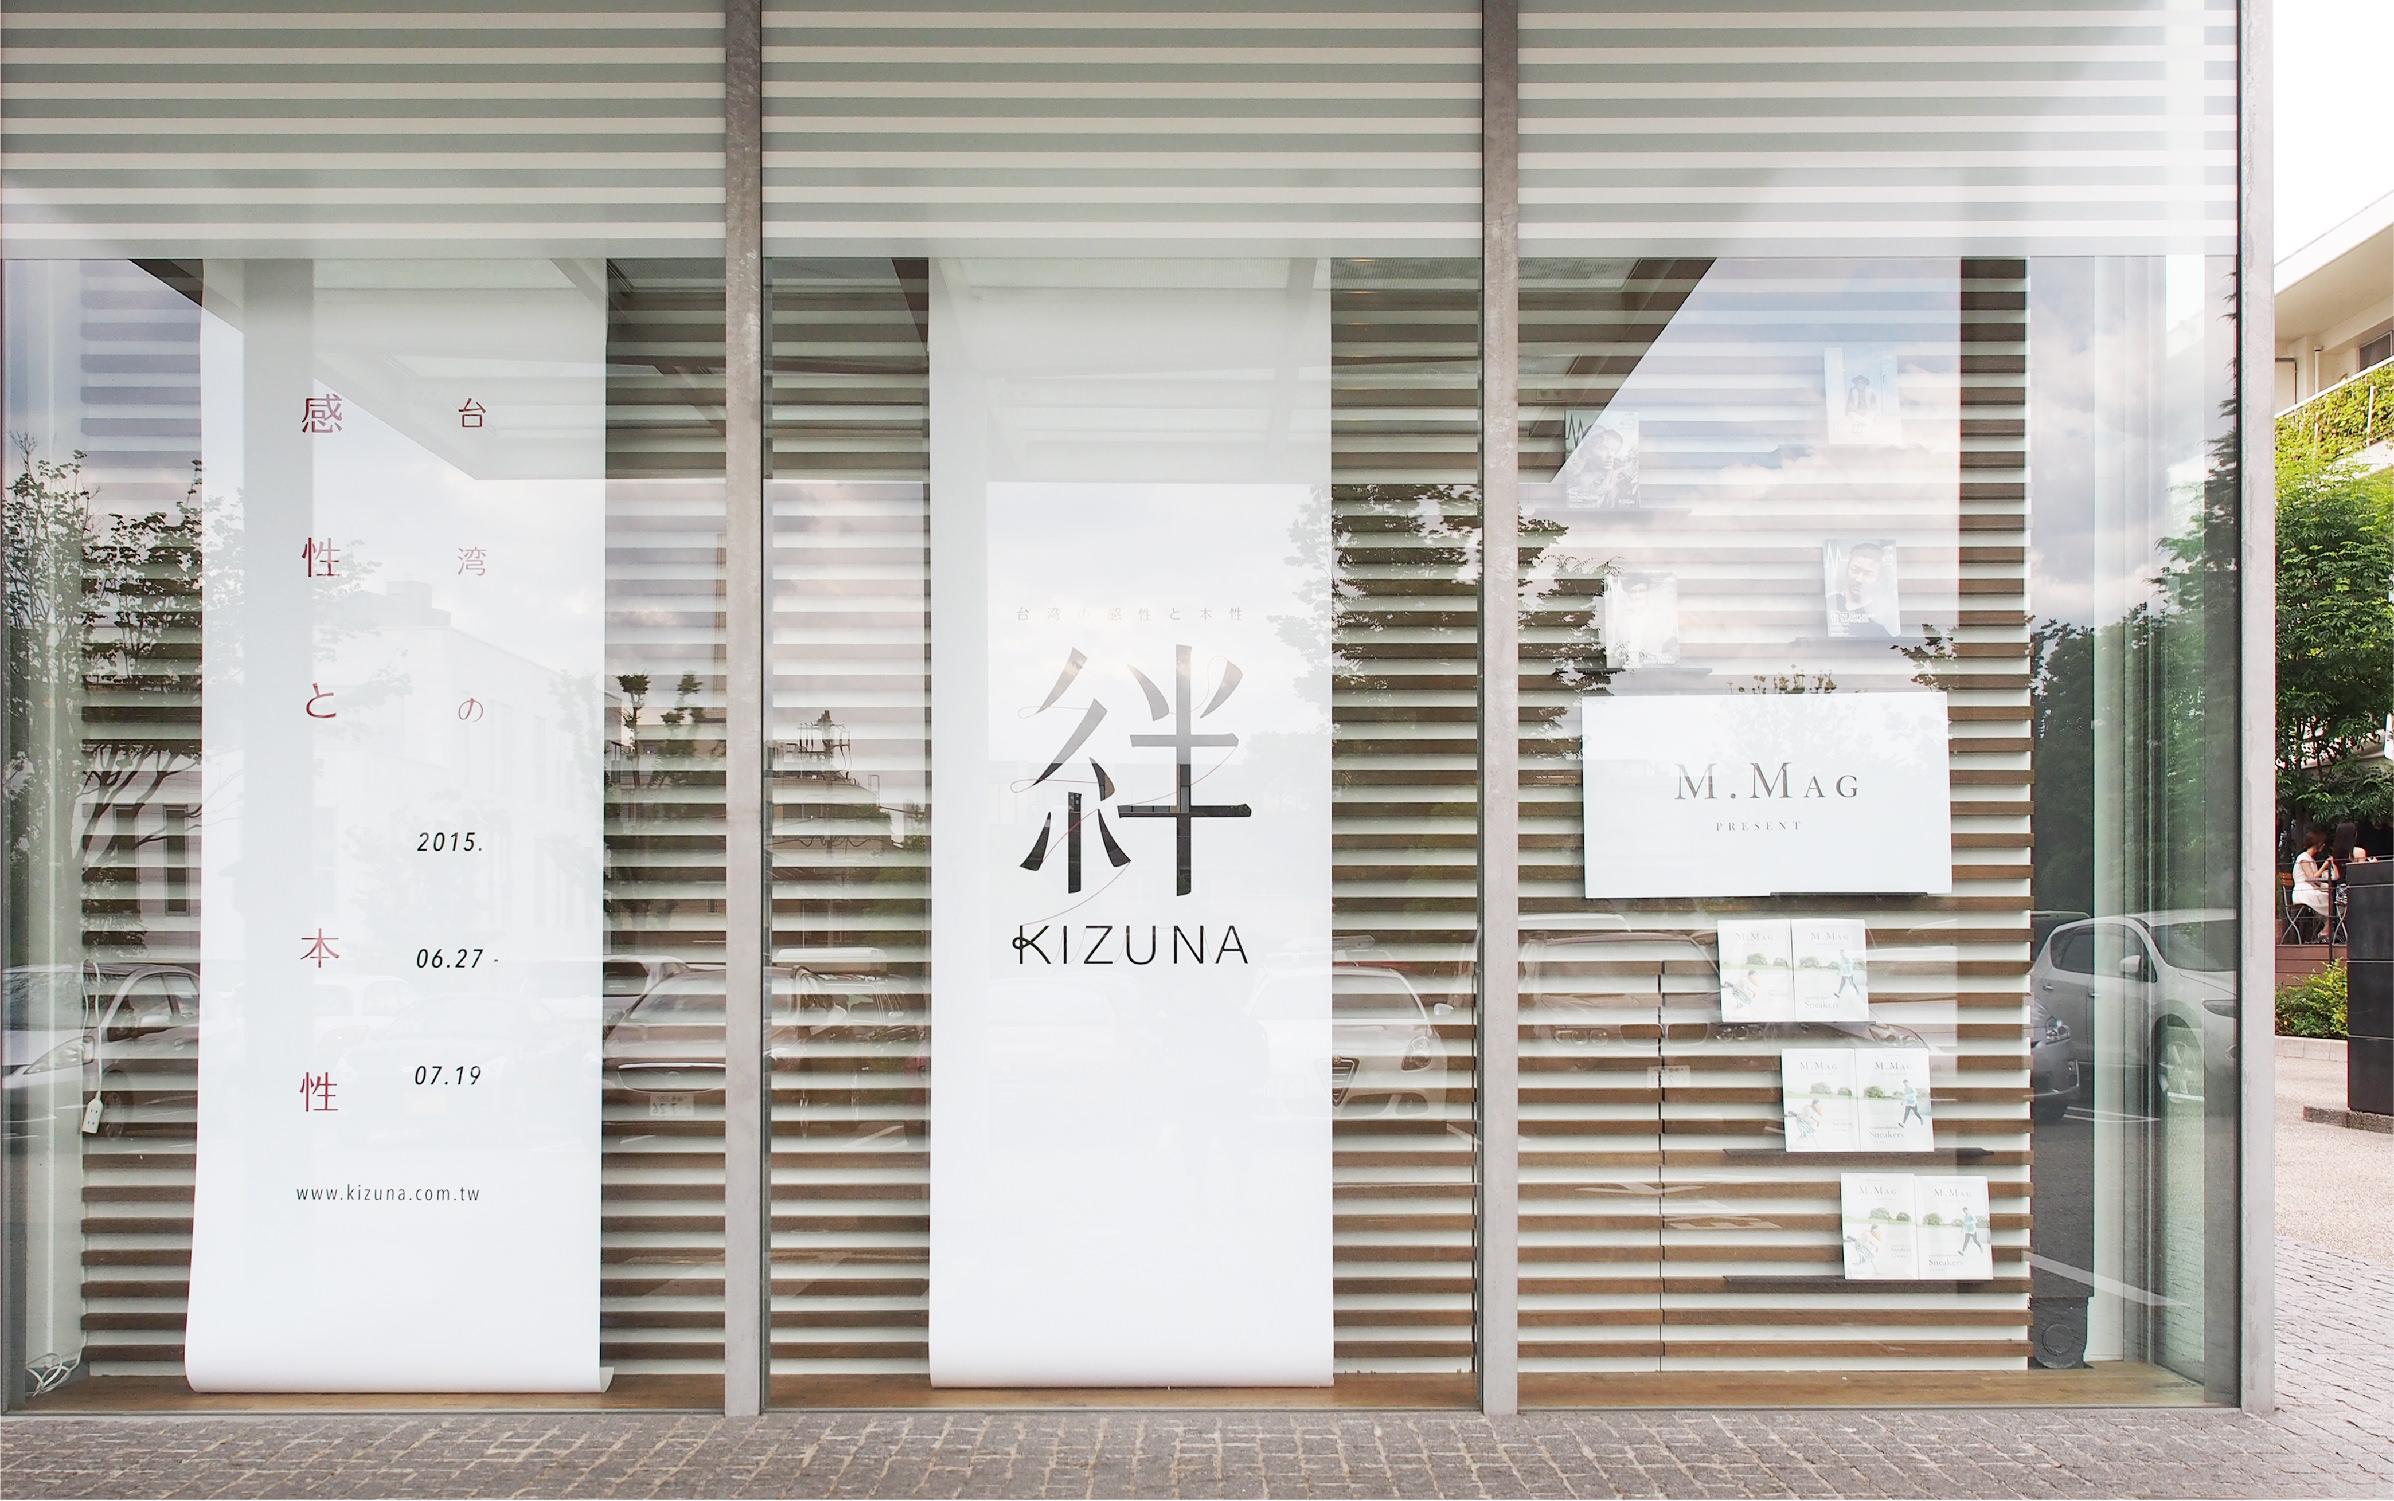 kizuna_slide1.jpg